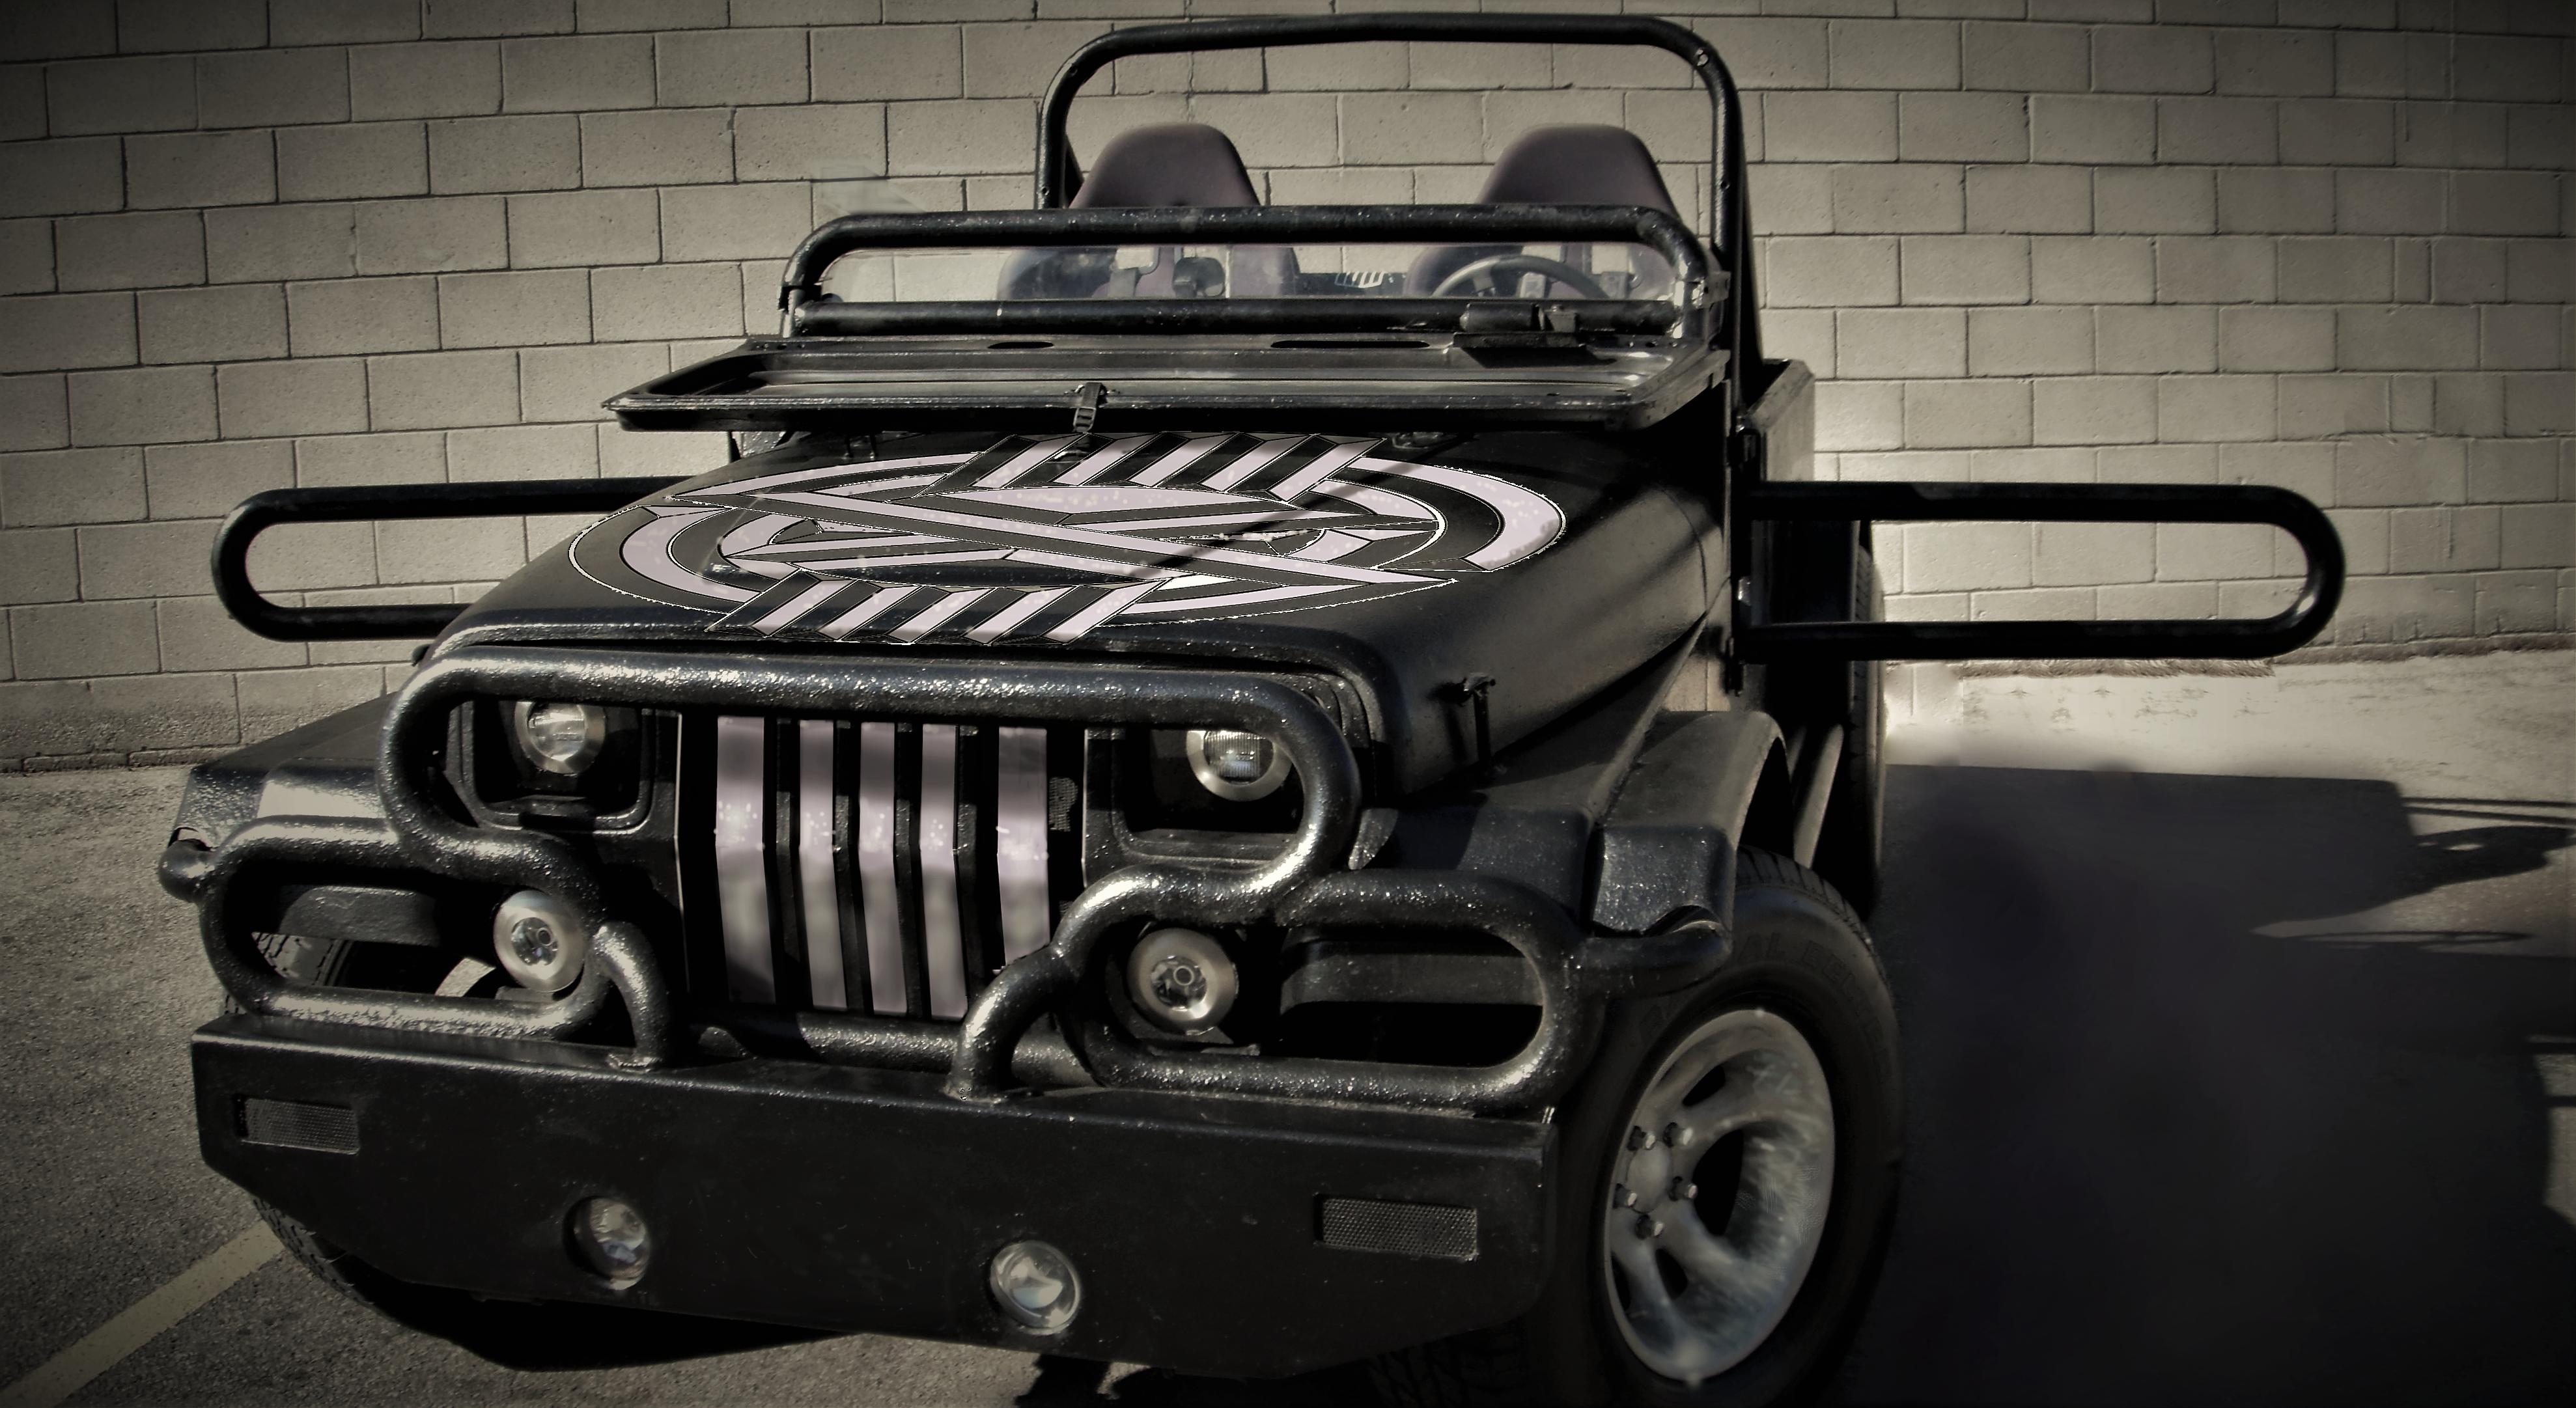 Best Custom Jeep Wrangler Yj Jeep Wrangler Yj Custom Jeep Jeep